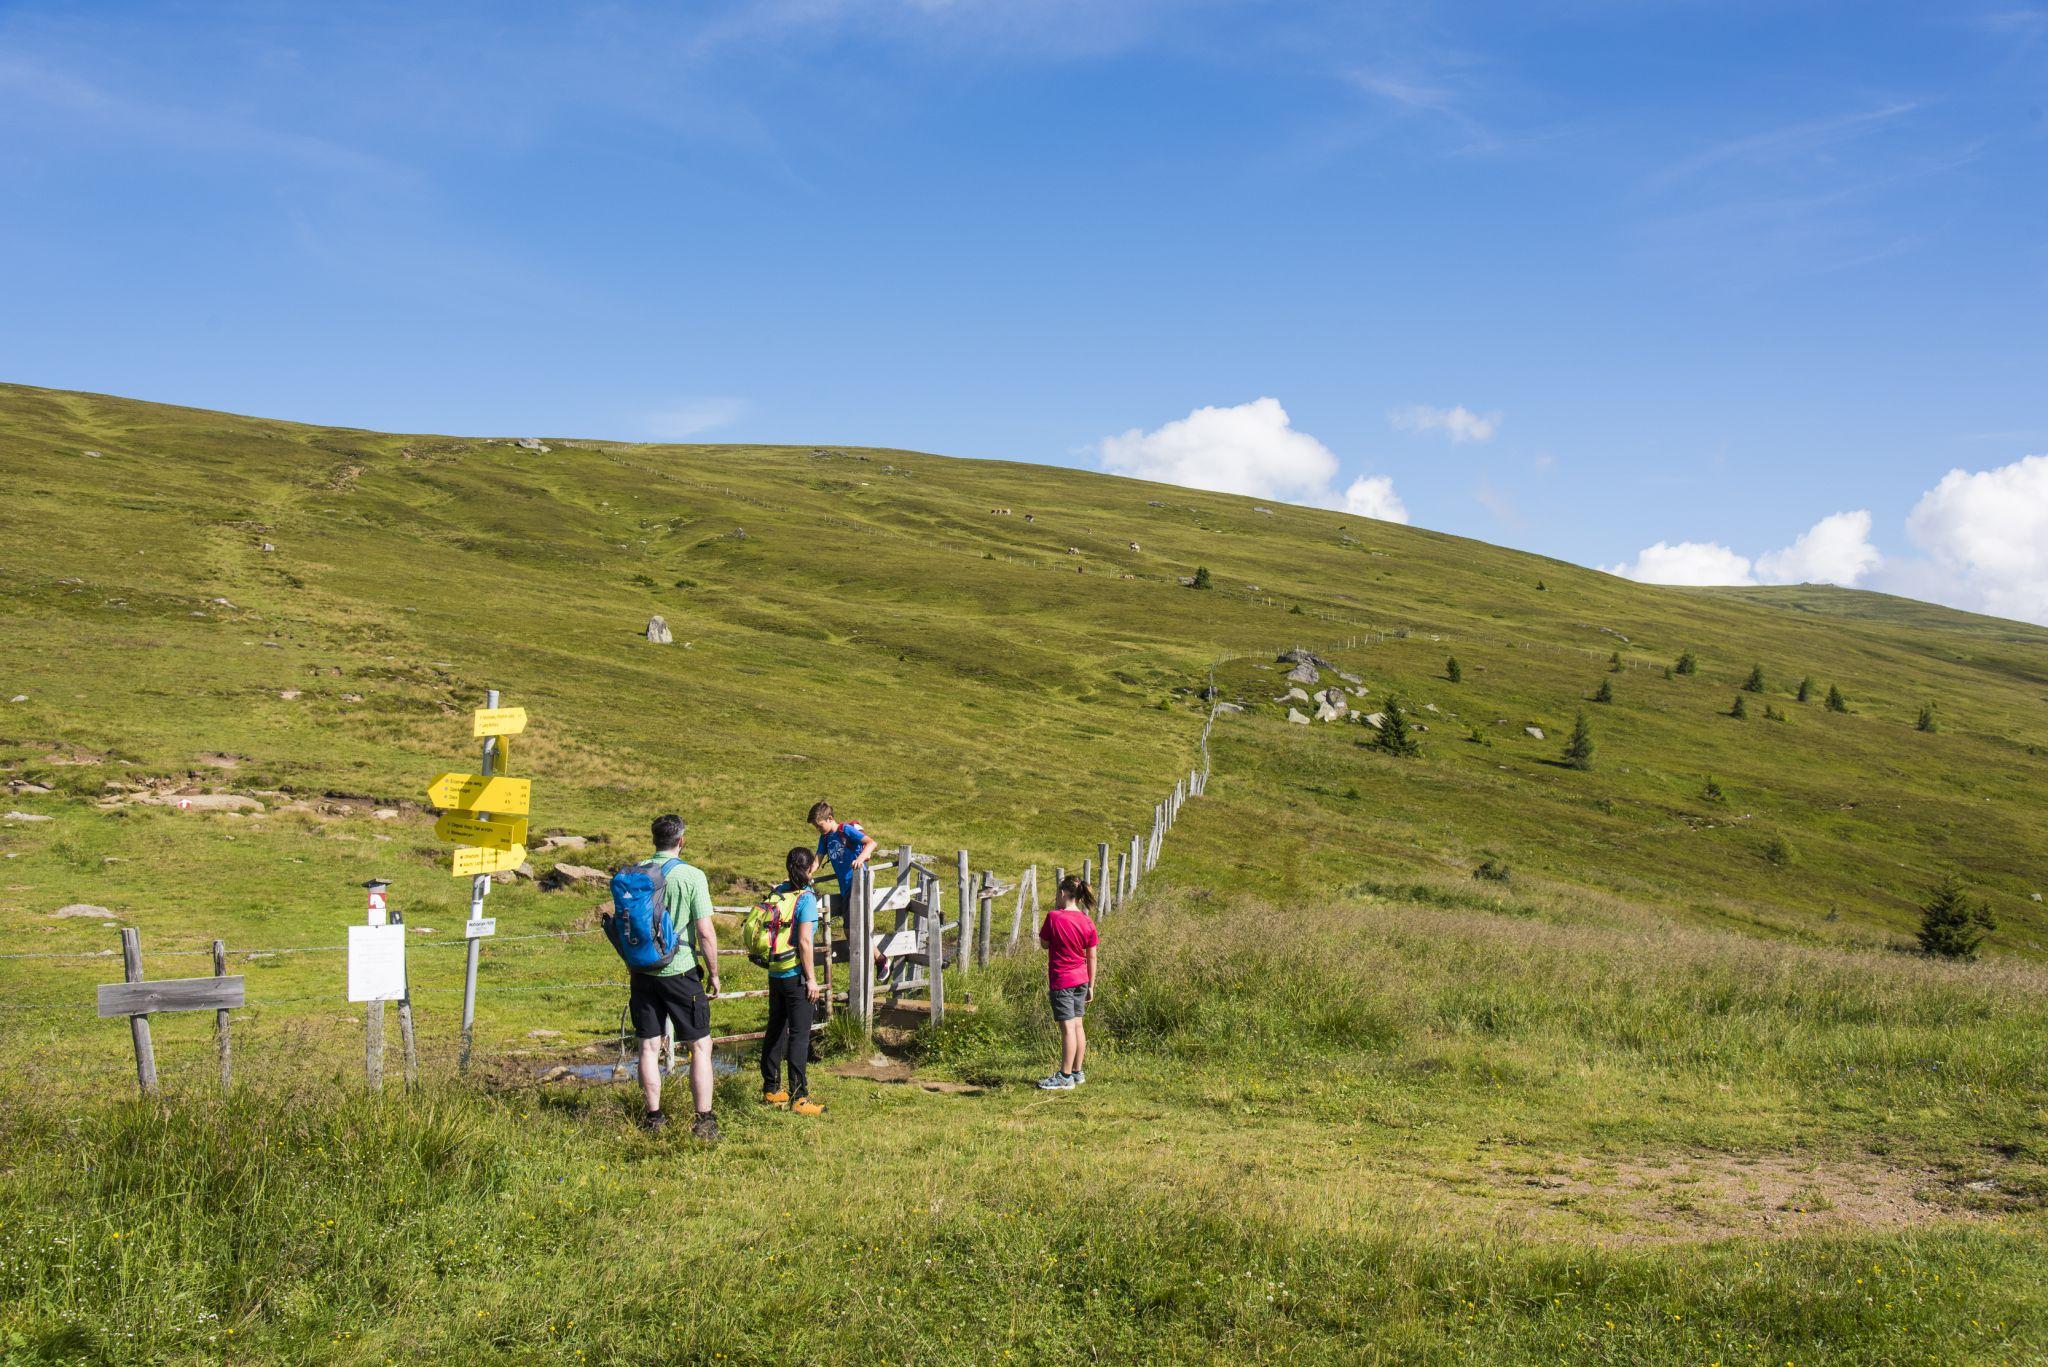 Wandern mit der Familie, © Franz Gerdl, Regionalmanagement Lavanttal GmbH